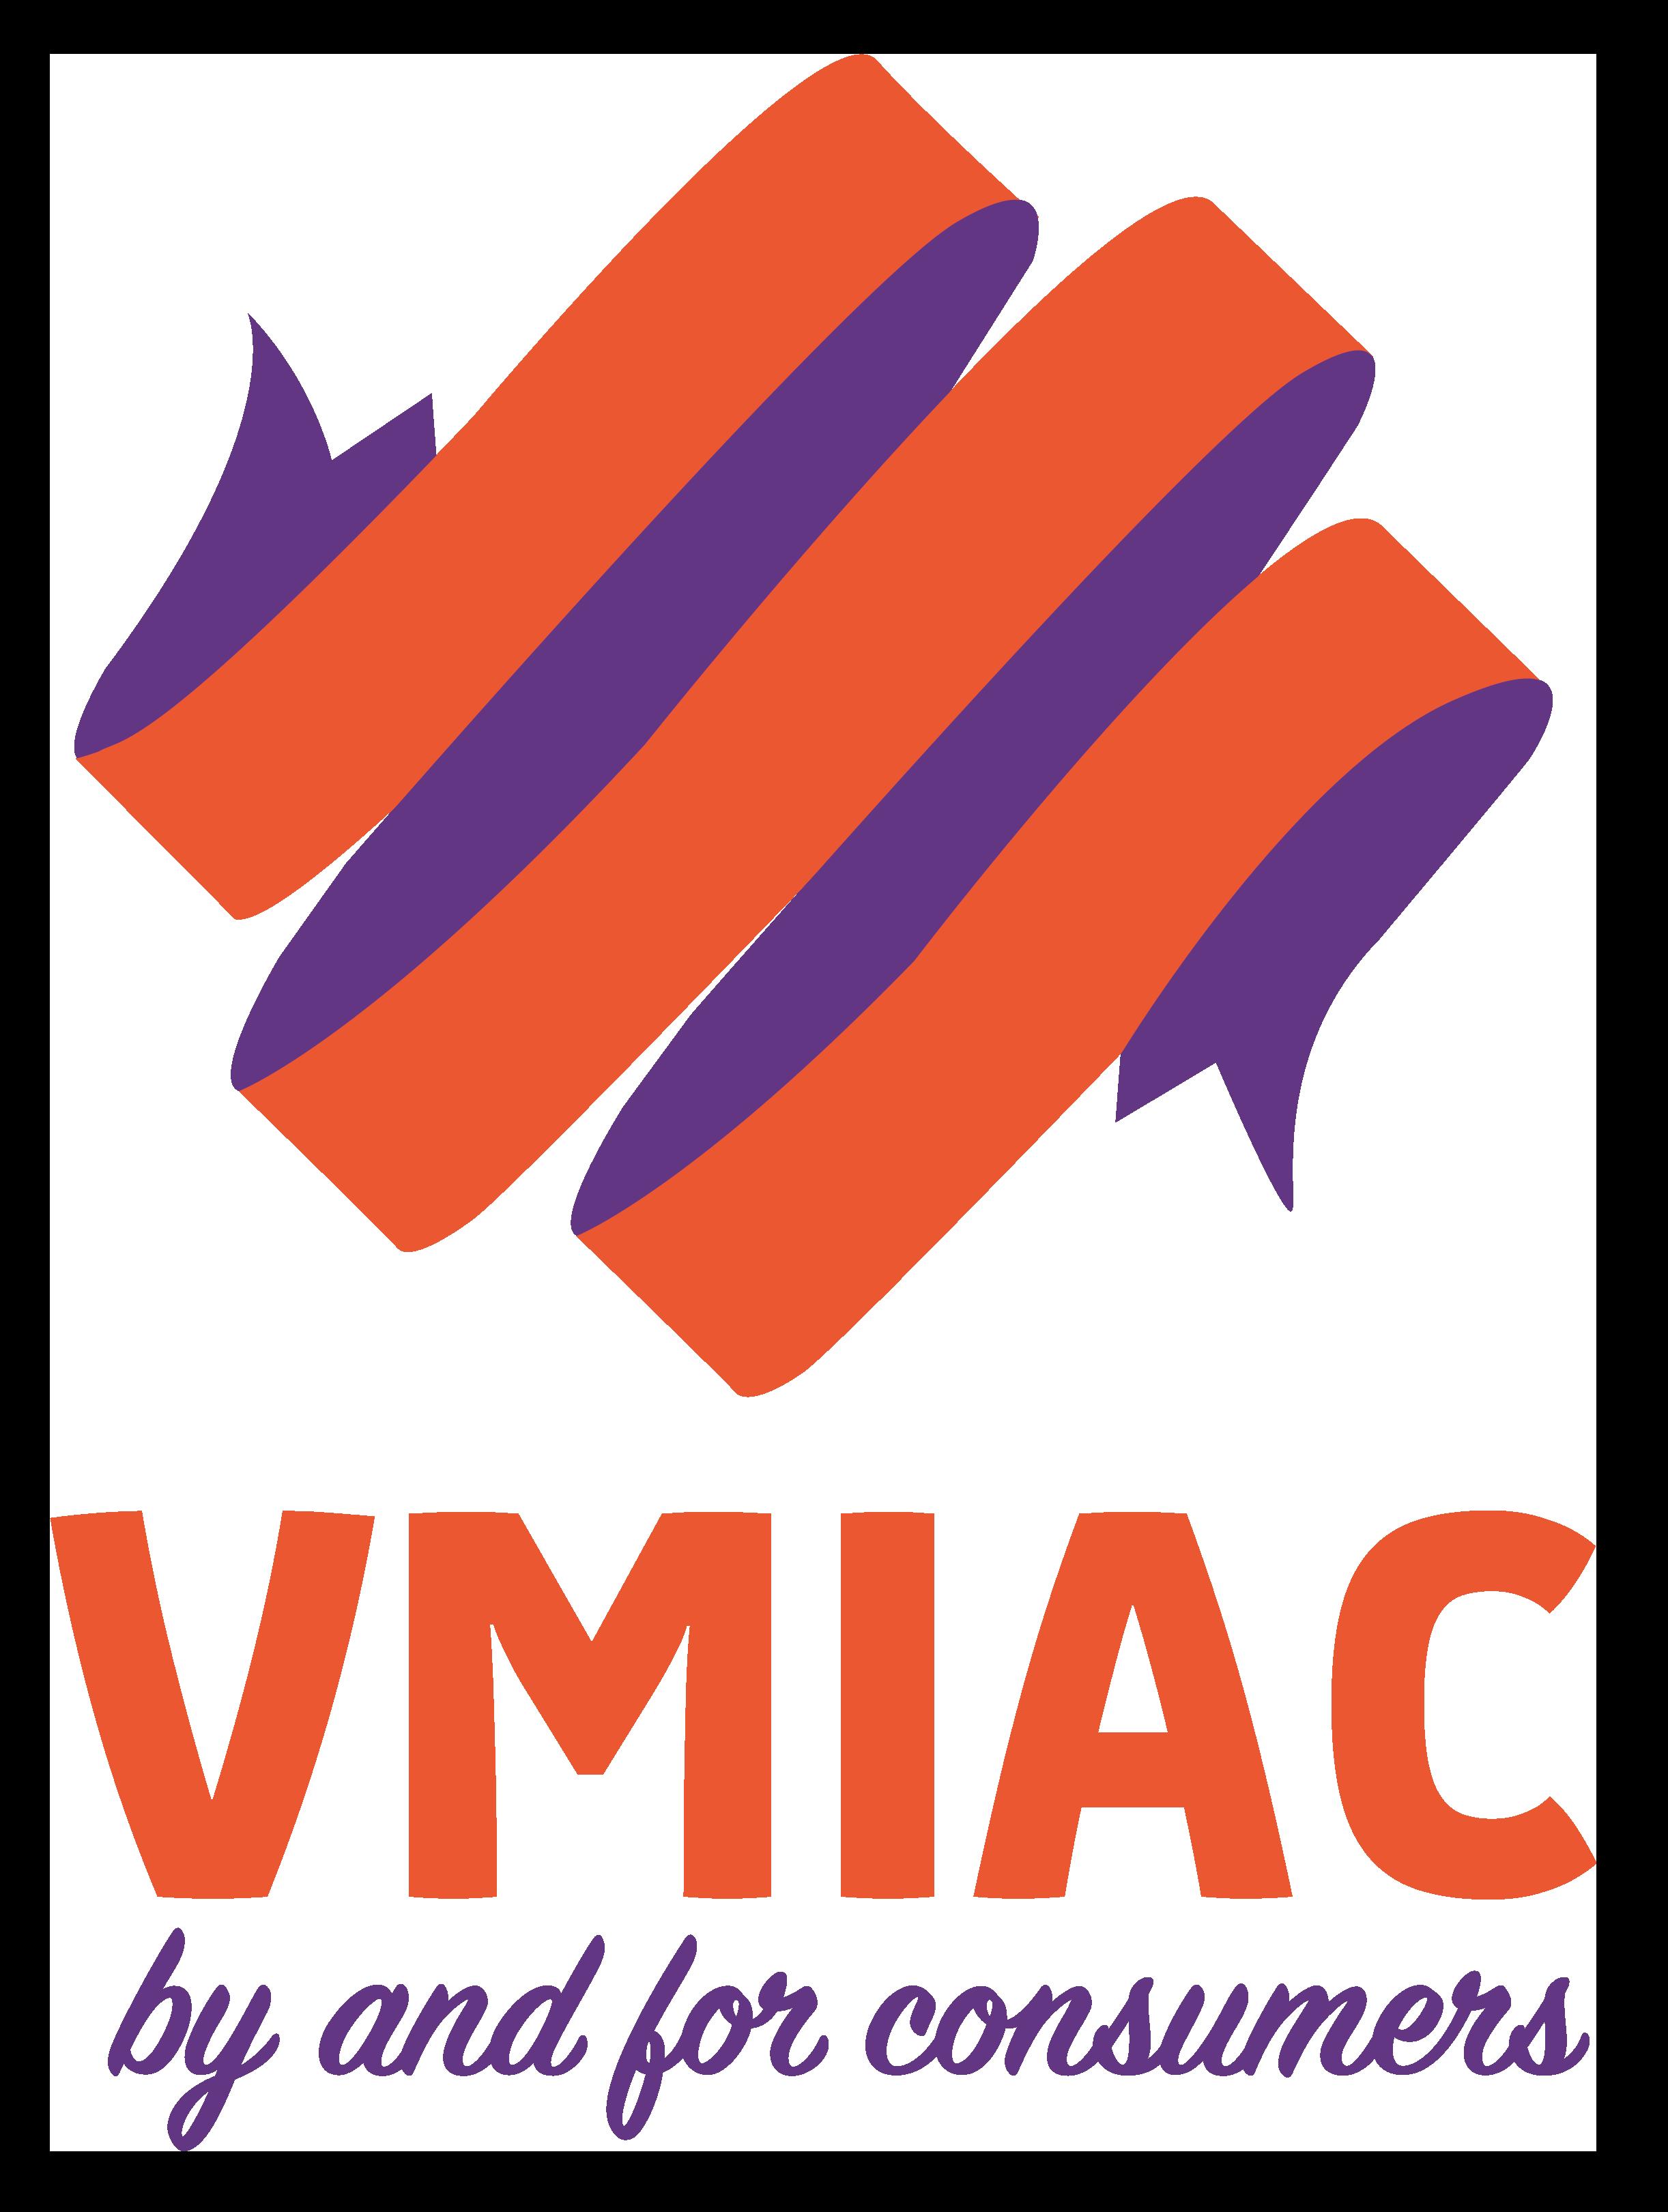 VMIAC logo